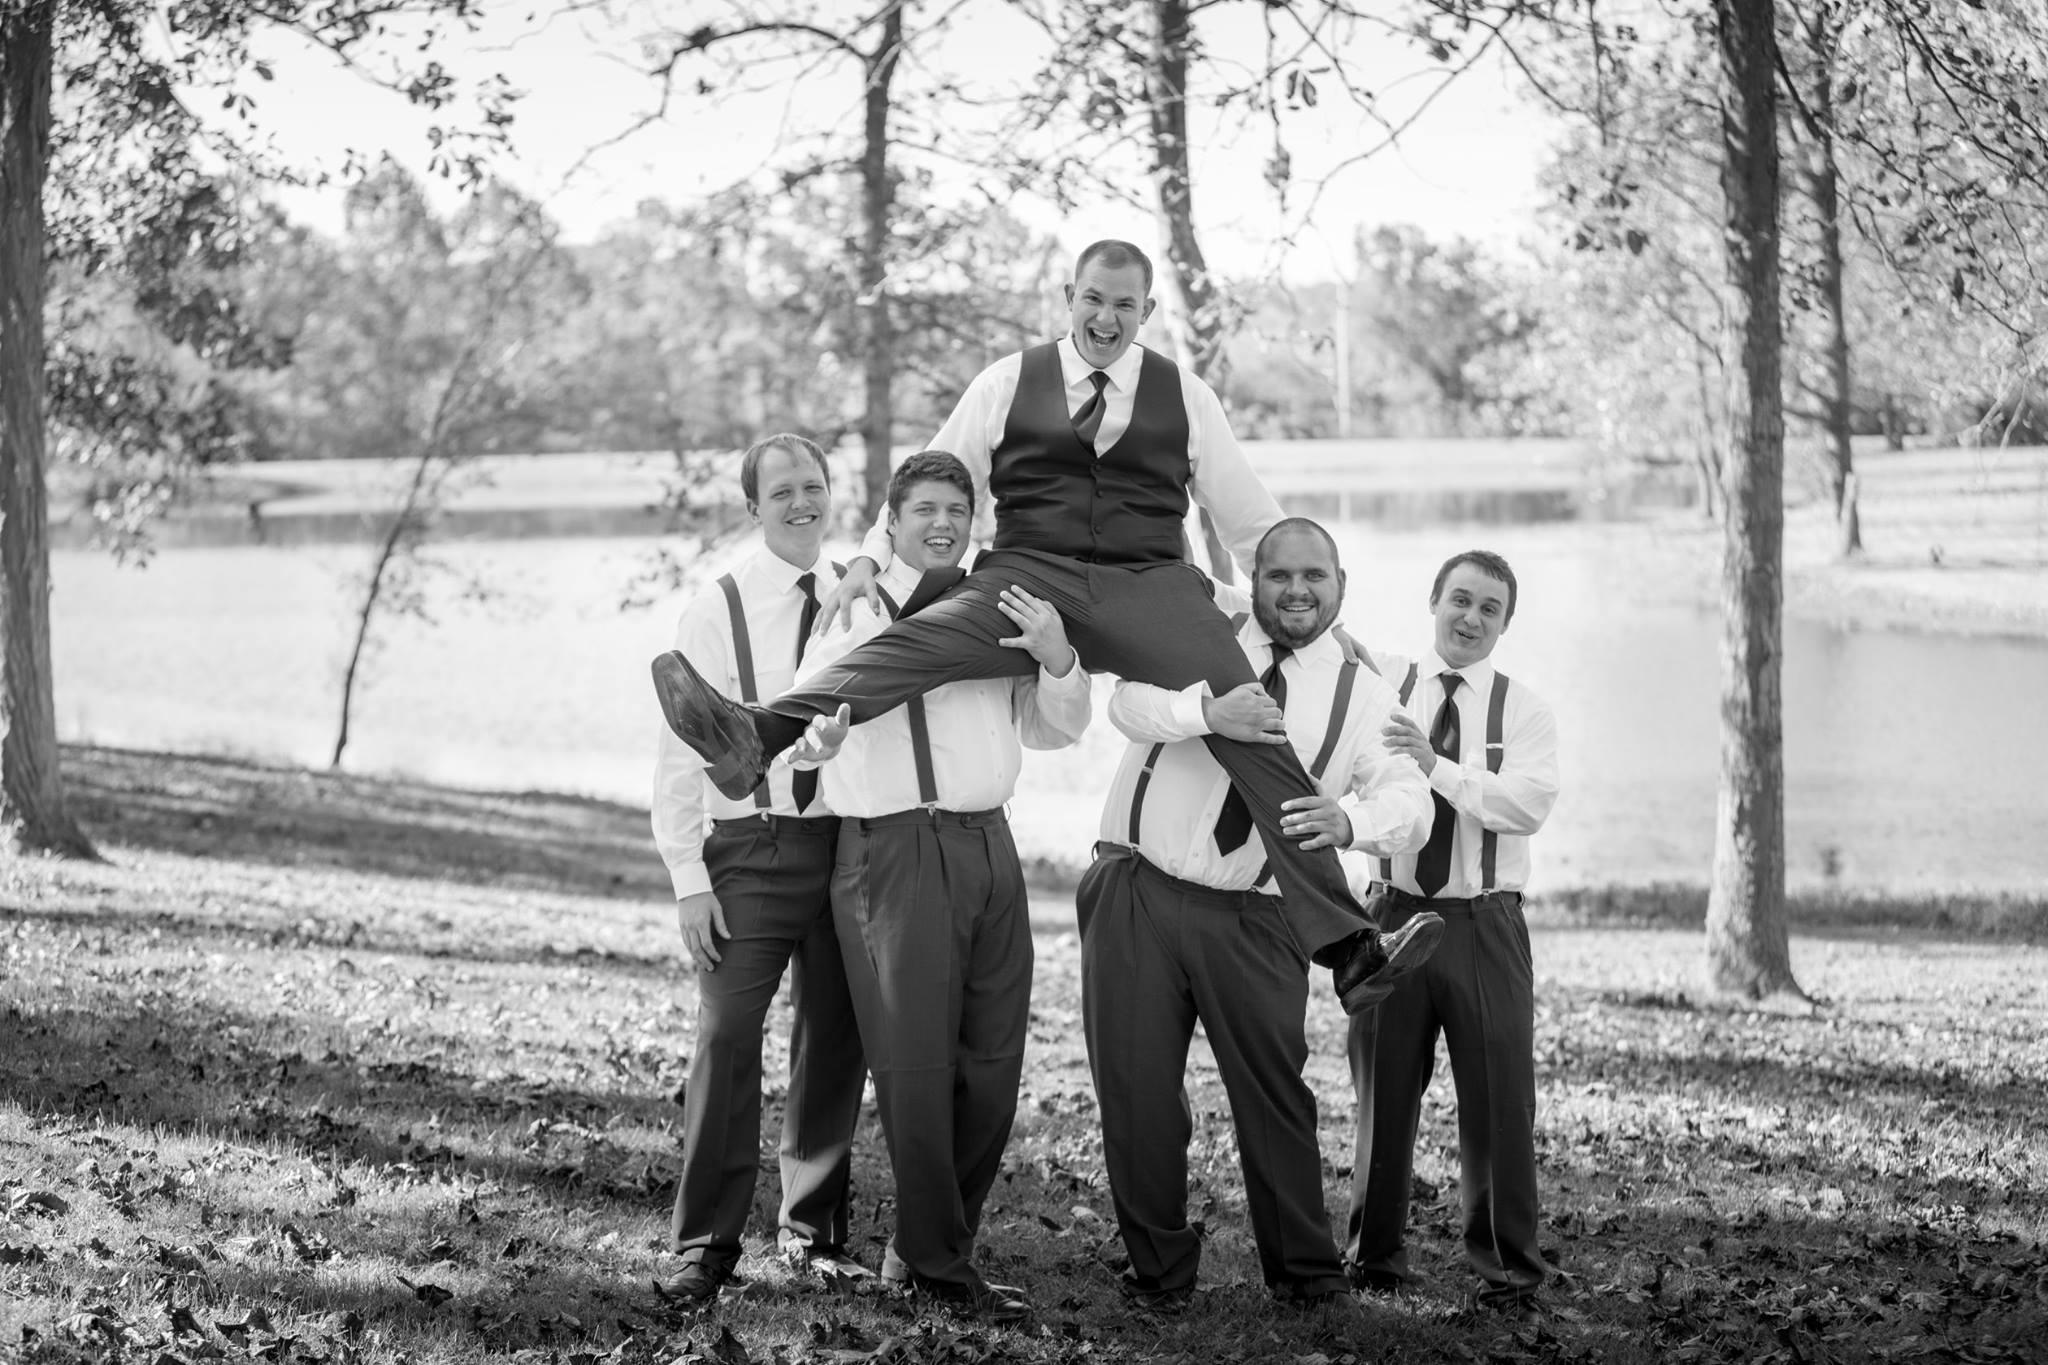 Goofy Groom Photo Lake Ozark Wedding Photographer